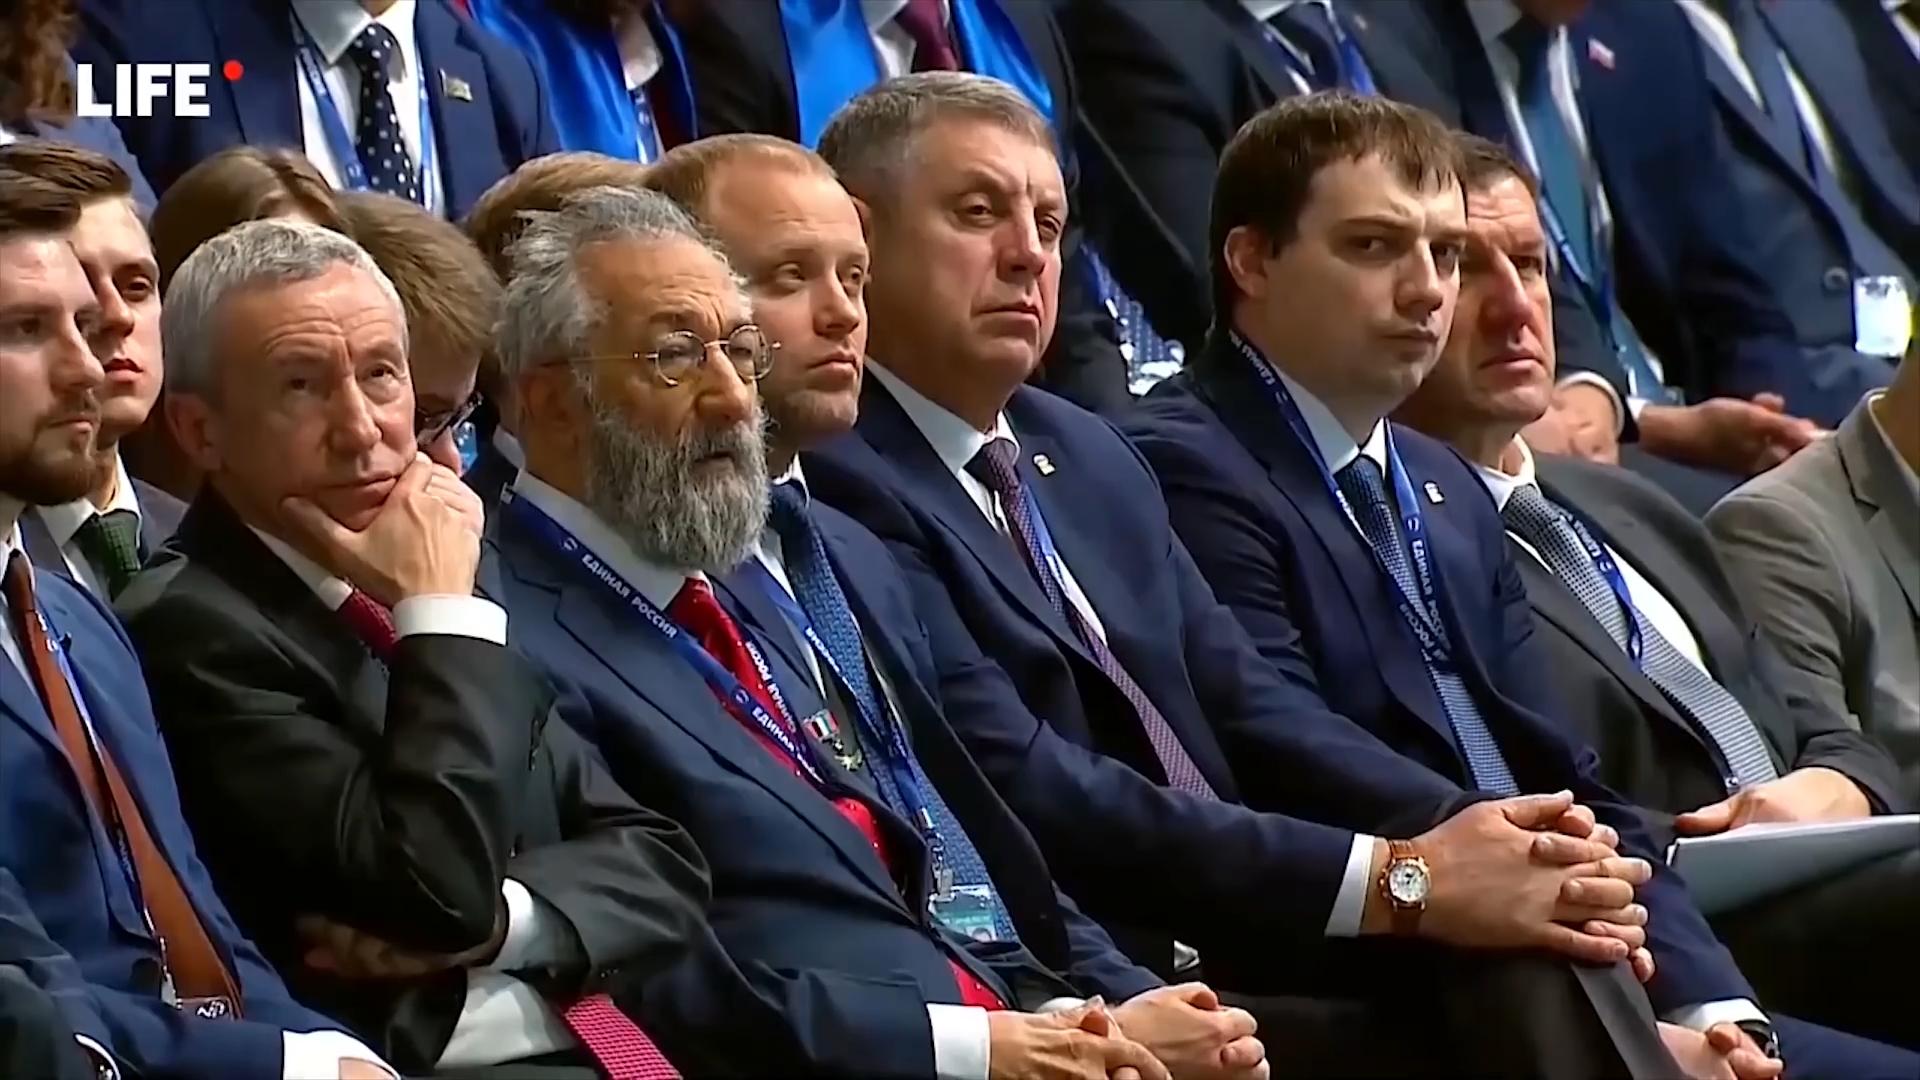 10-Популисты, патриоты и предатели. Все о съезде «Единой России»